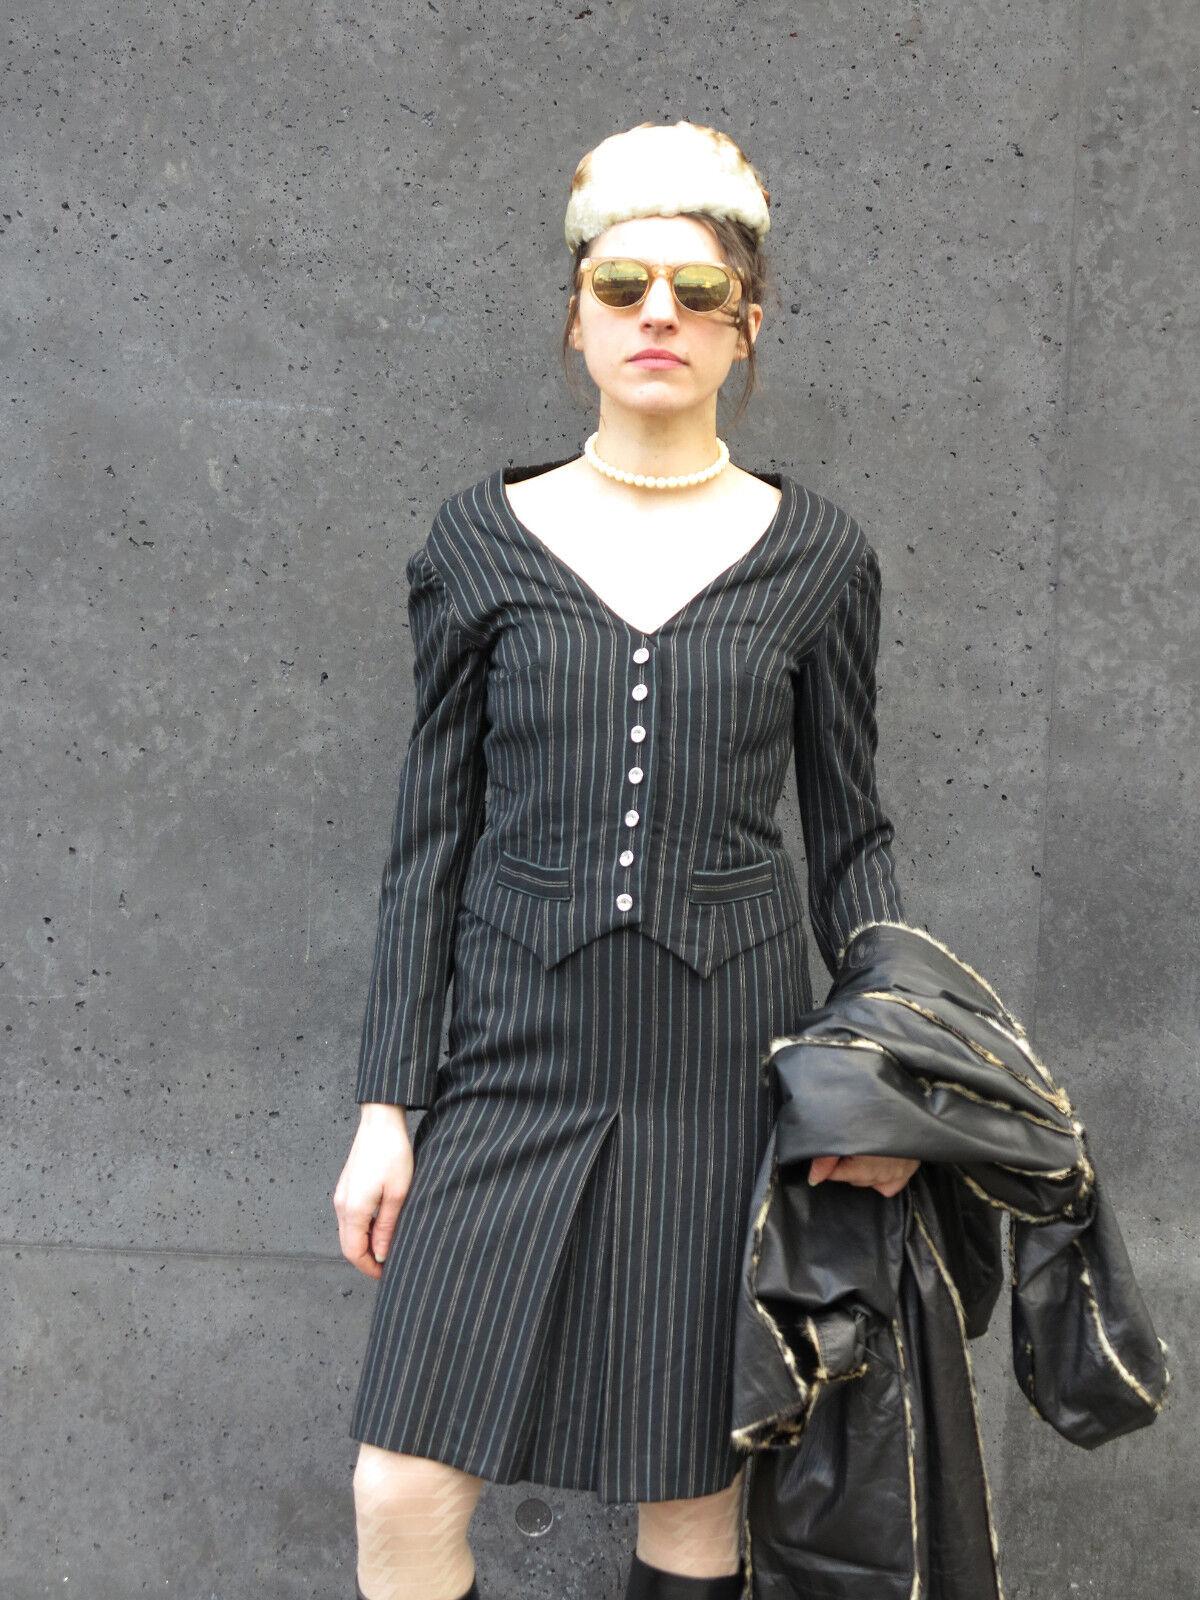 Exclusiv fff Damen Kleid Nadelstreifenkleid 90er TRUE VINTAGE 90s damen dress